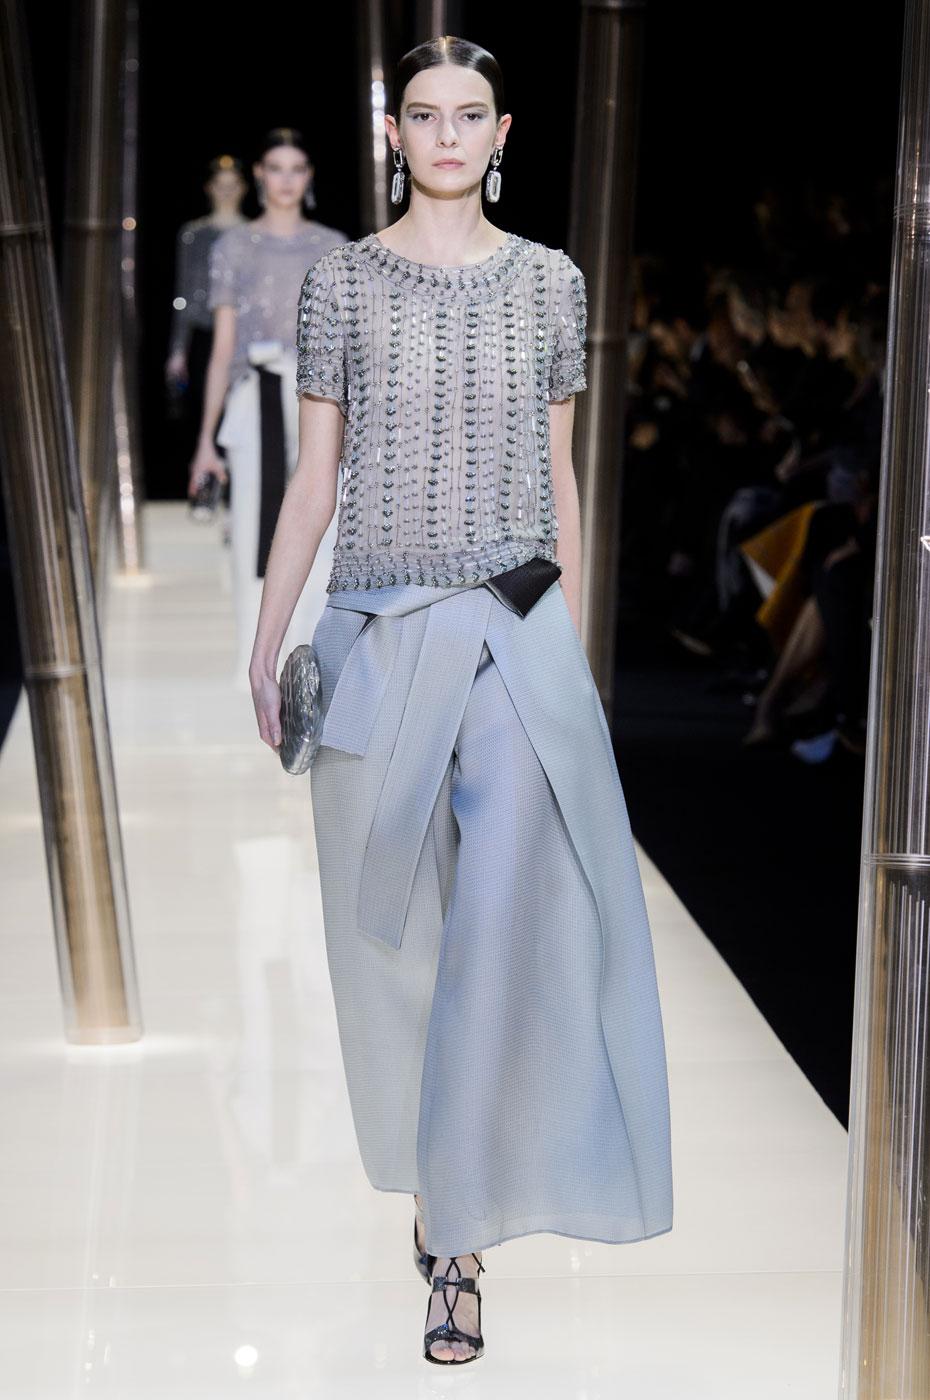 Giorgio-armani-Prive-fashion-runway-show-haute-couture-paris-spring-2015-the-impression-069